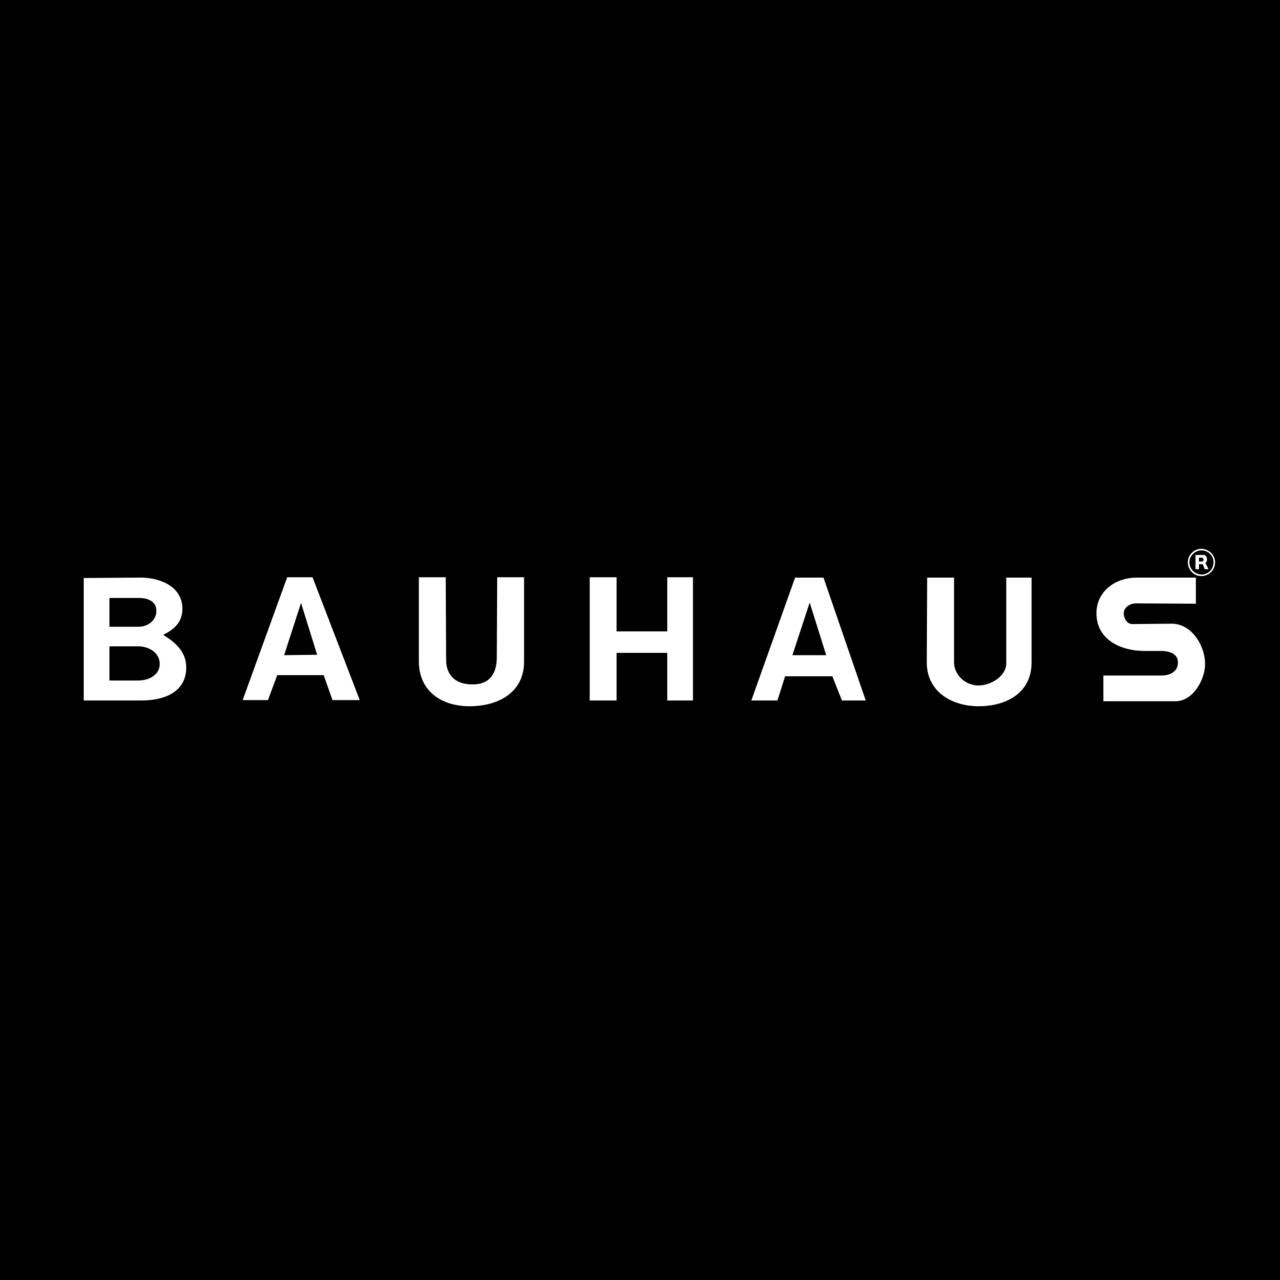 Bauhaus Logo PNG Transparent 12 – Brands Logos